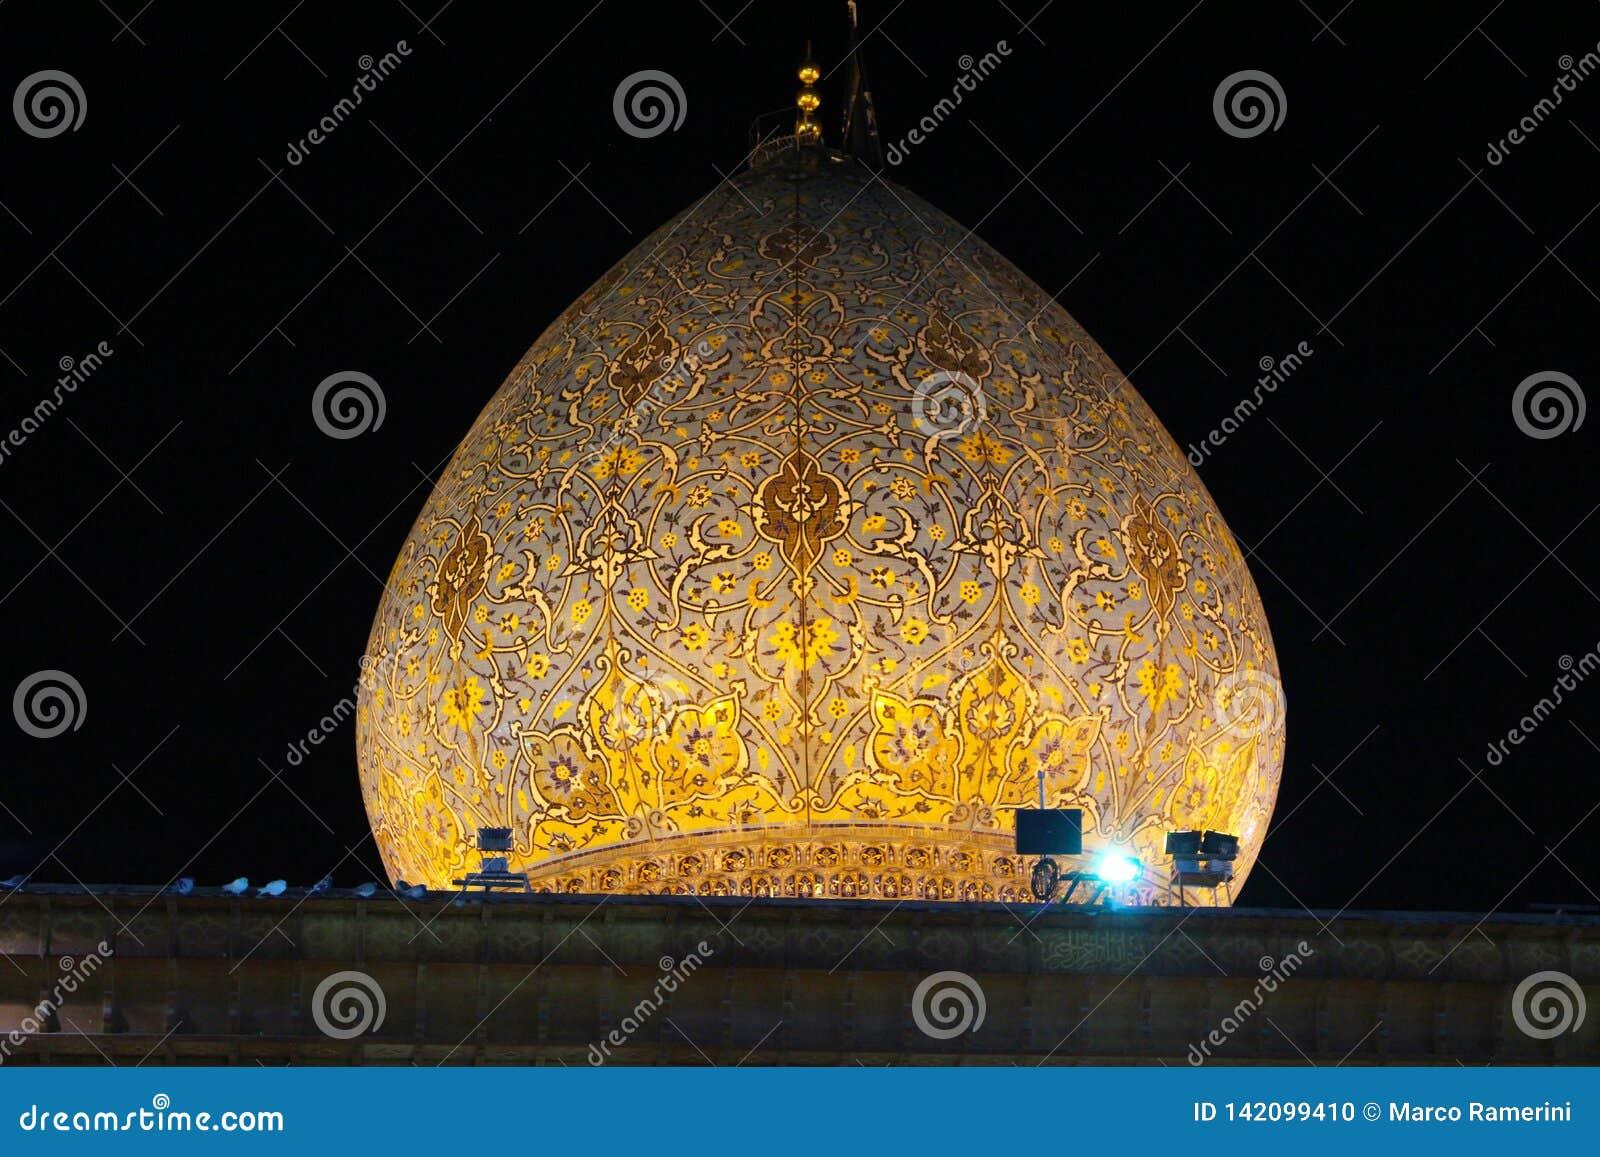 Koepel van de moskee van Sjahceragh, Shiraz, Iran